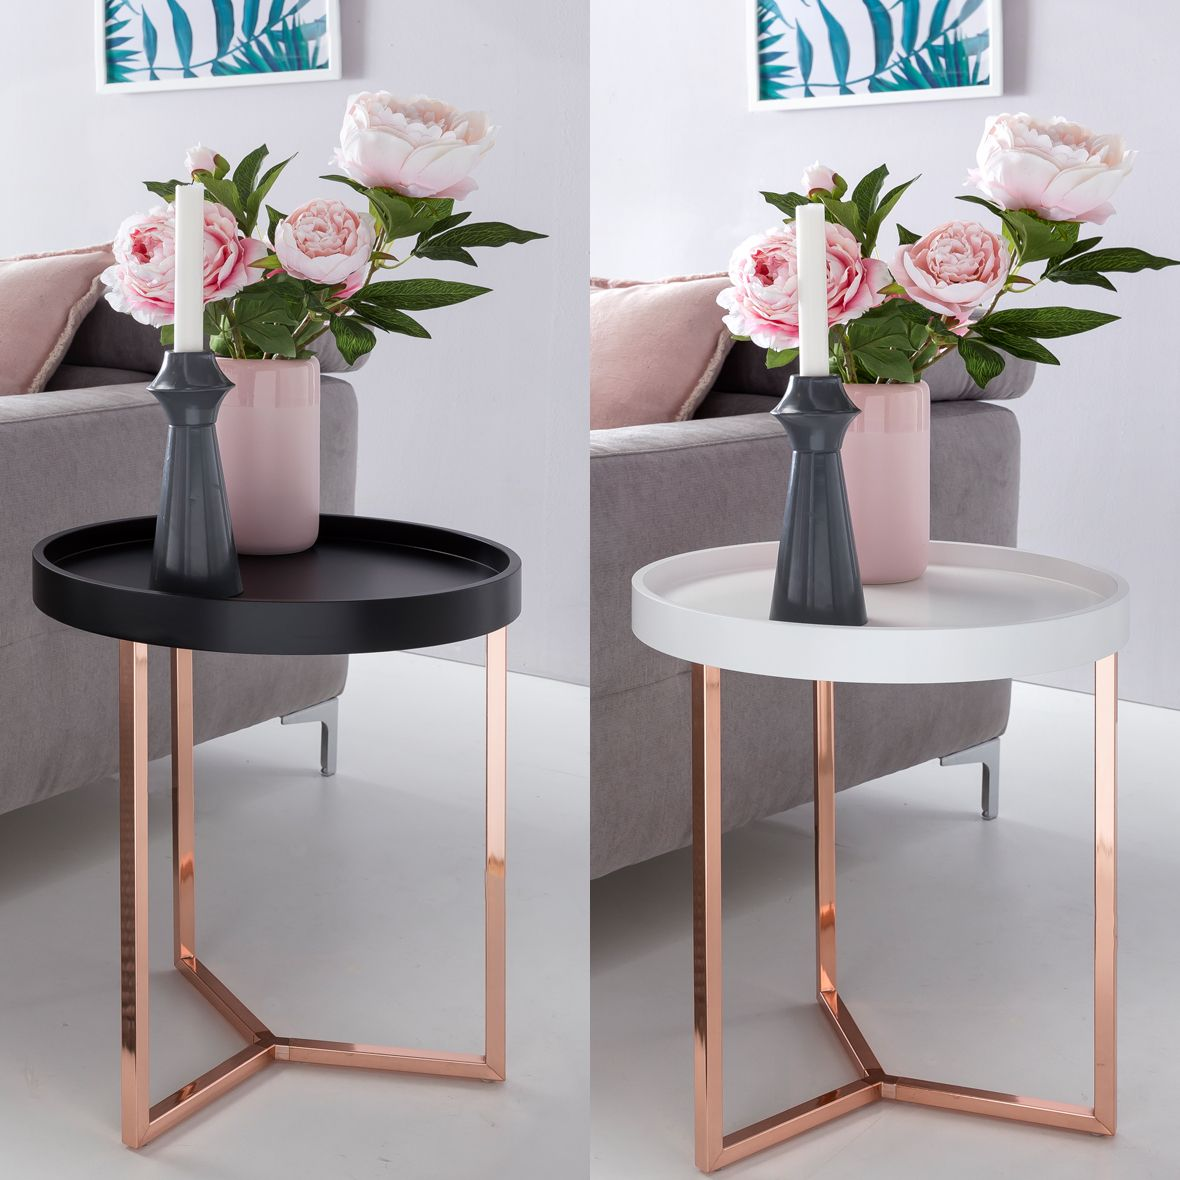 Beistelltisch Give Kupfer 40cm Rund Tablett Couchtisch Tabletttisch Holz Schwarz Couchtisch Metall Design Beistelltisch Wohnzimmertisch